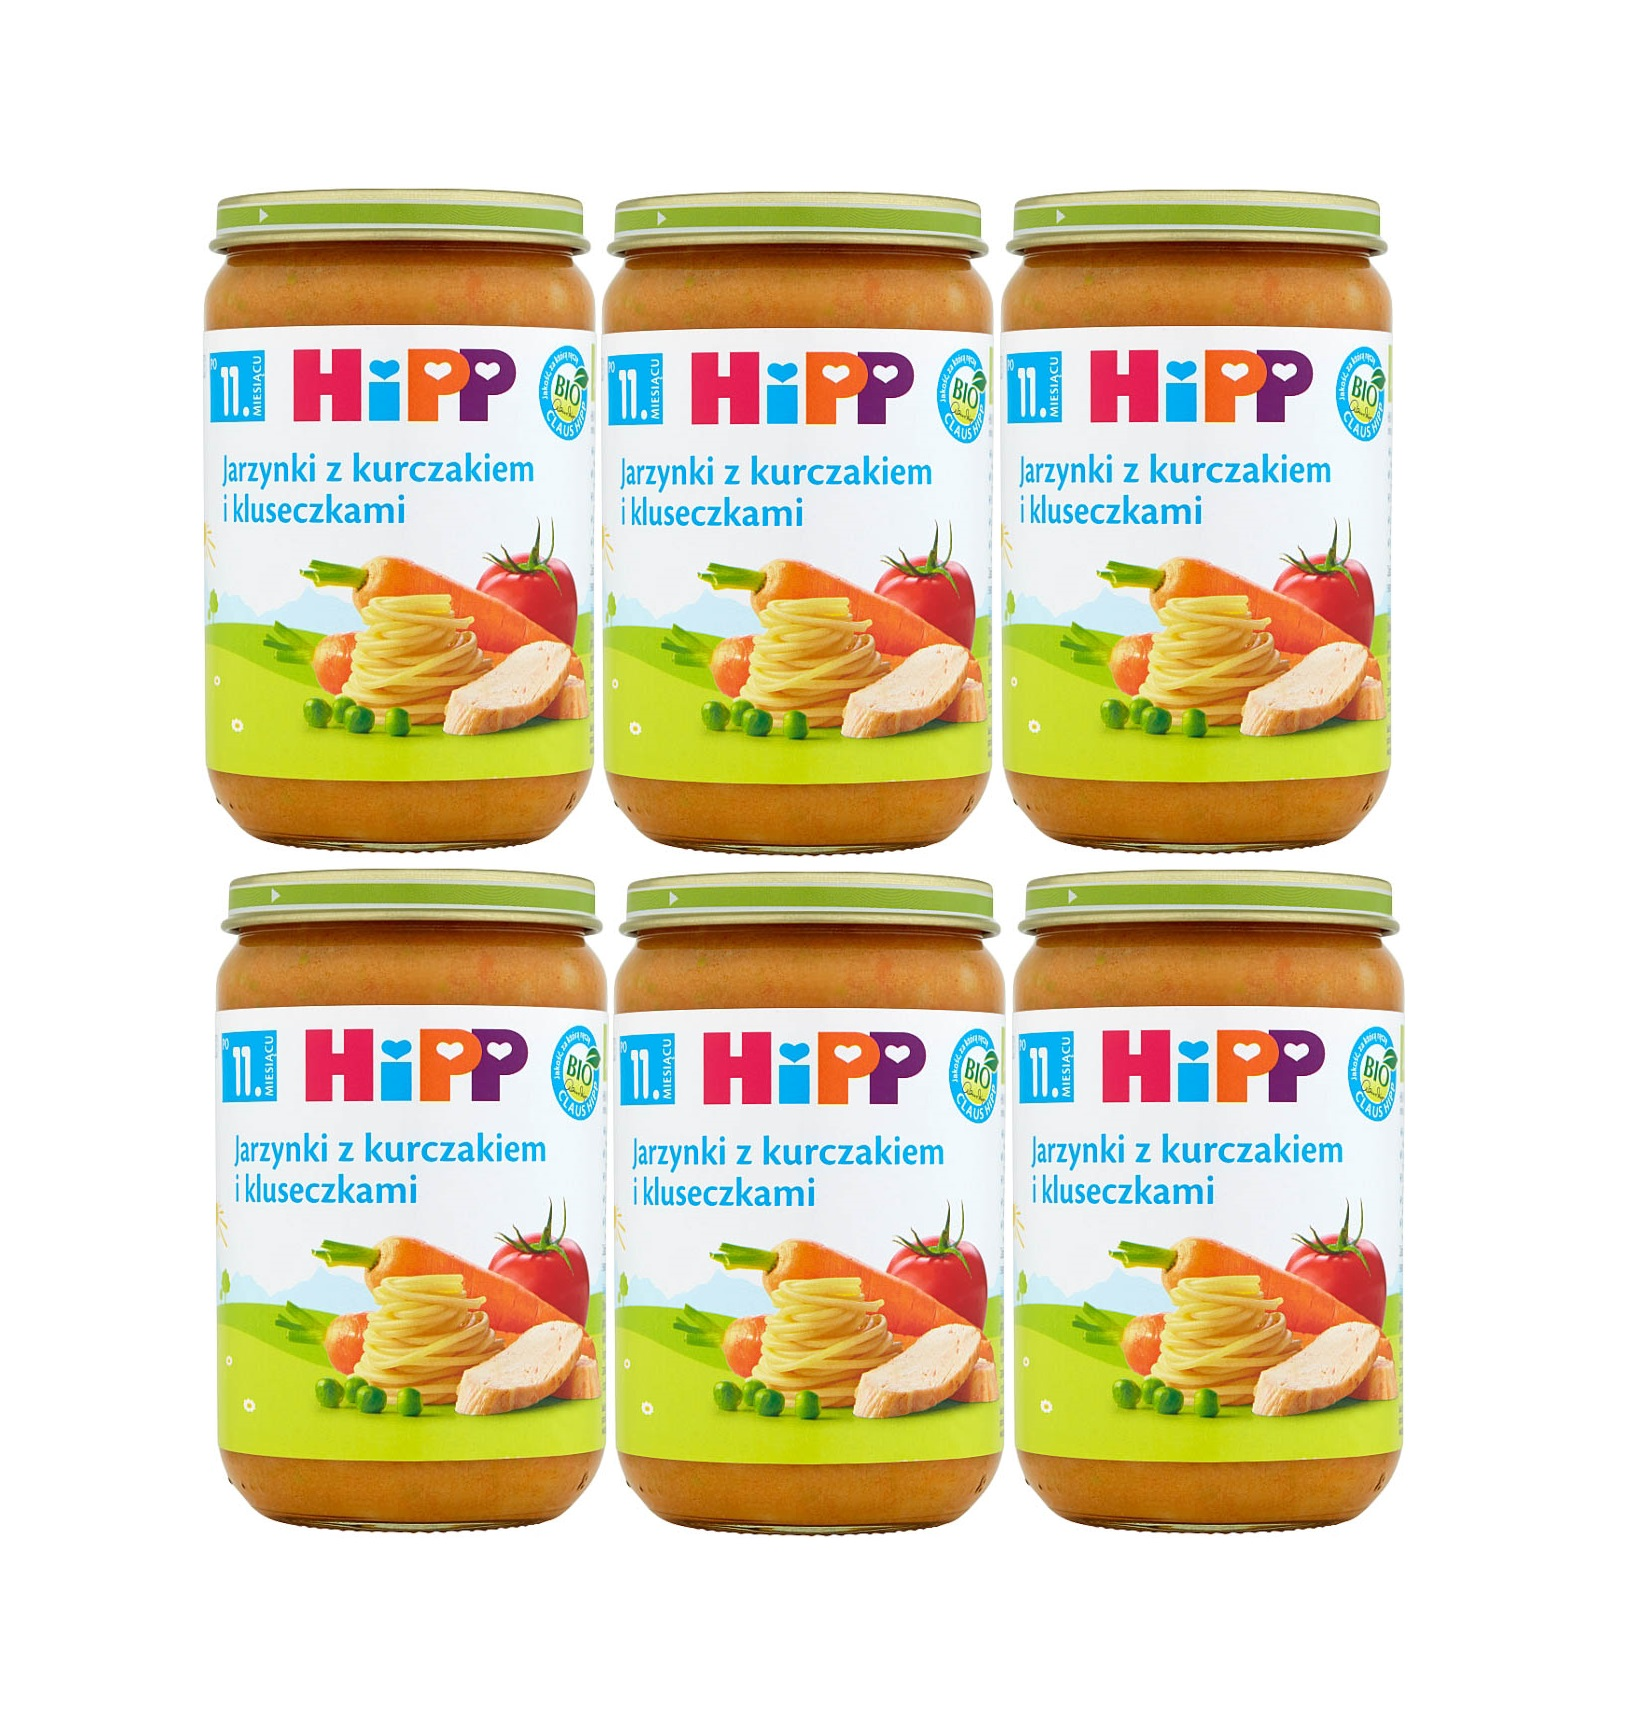 6 pak hipp 220 jarzynki z kurczakiem i kluseczkami